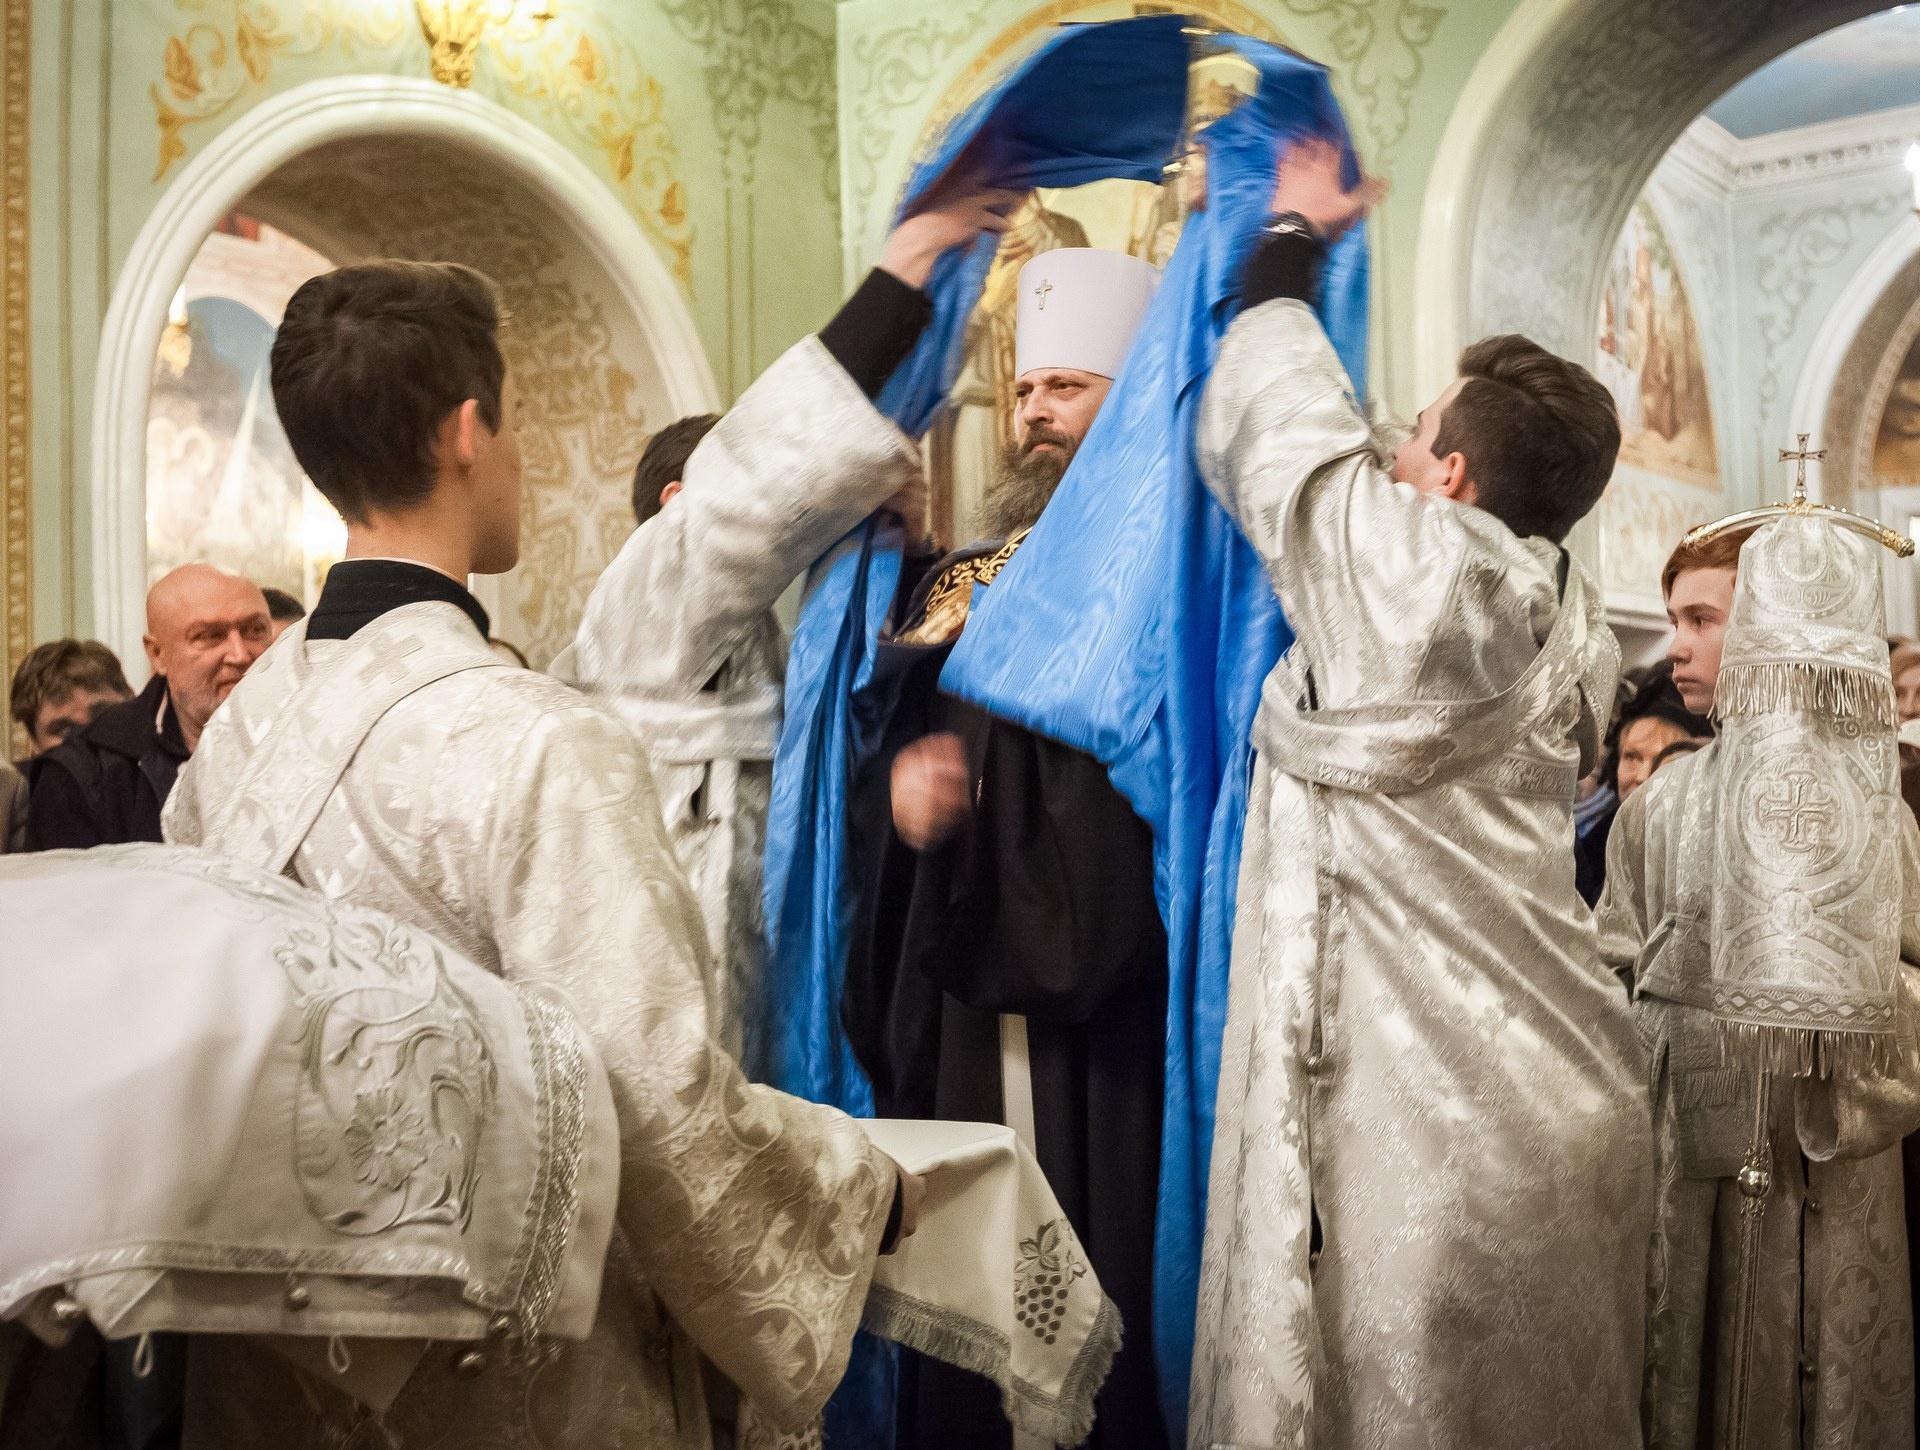 Службу в Свято-Симеоновском кафедральном соборе возглавил Митрополит Челябинский и Миасский Никодим